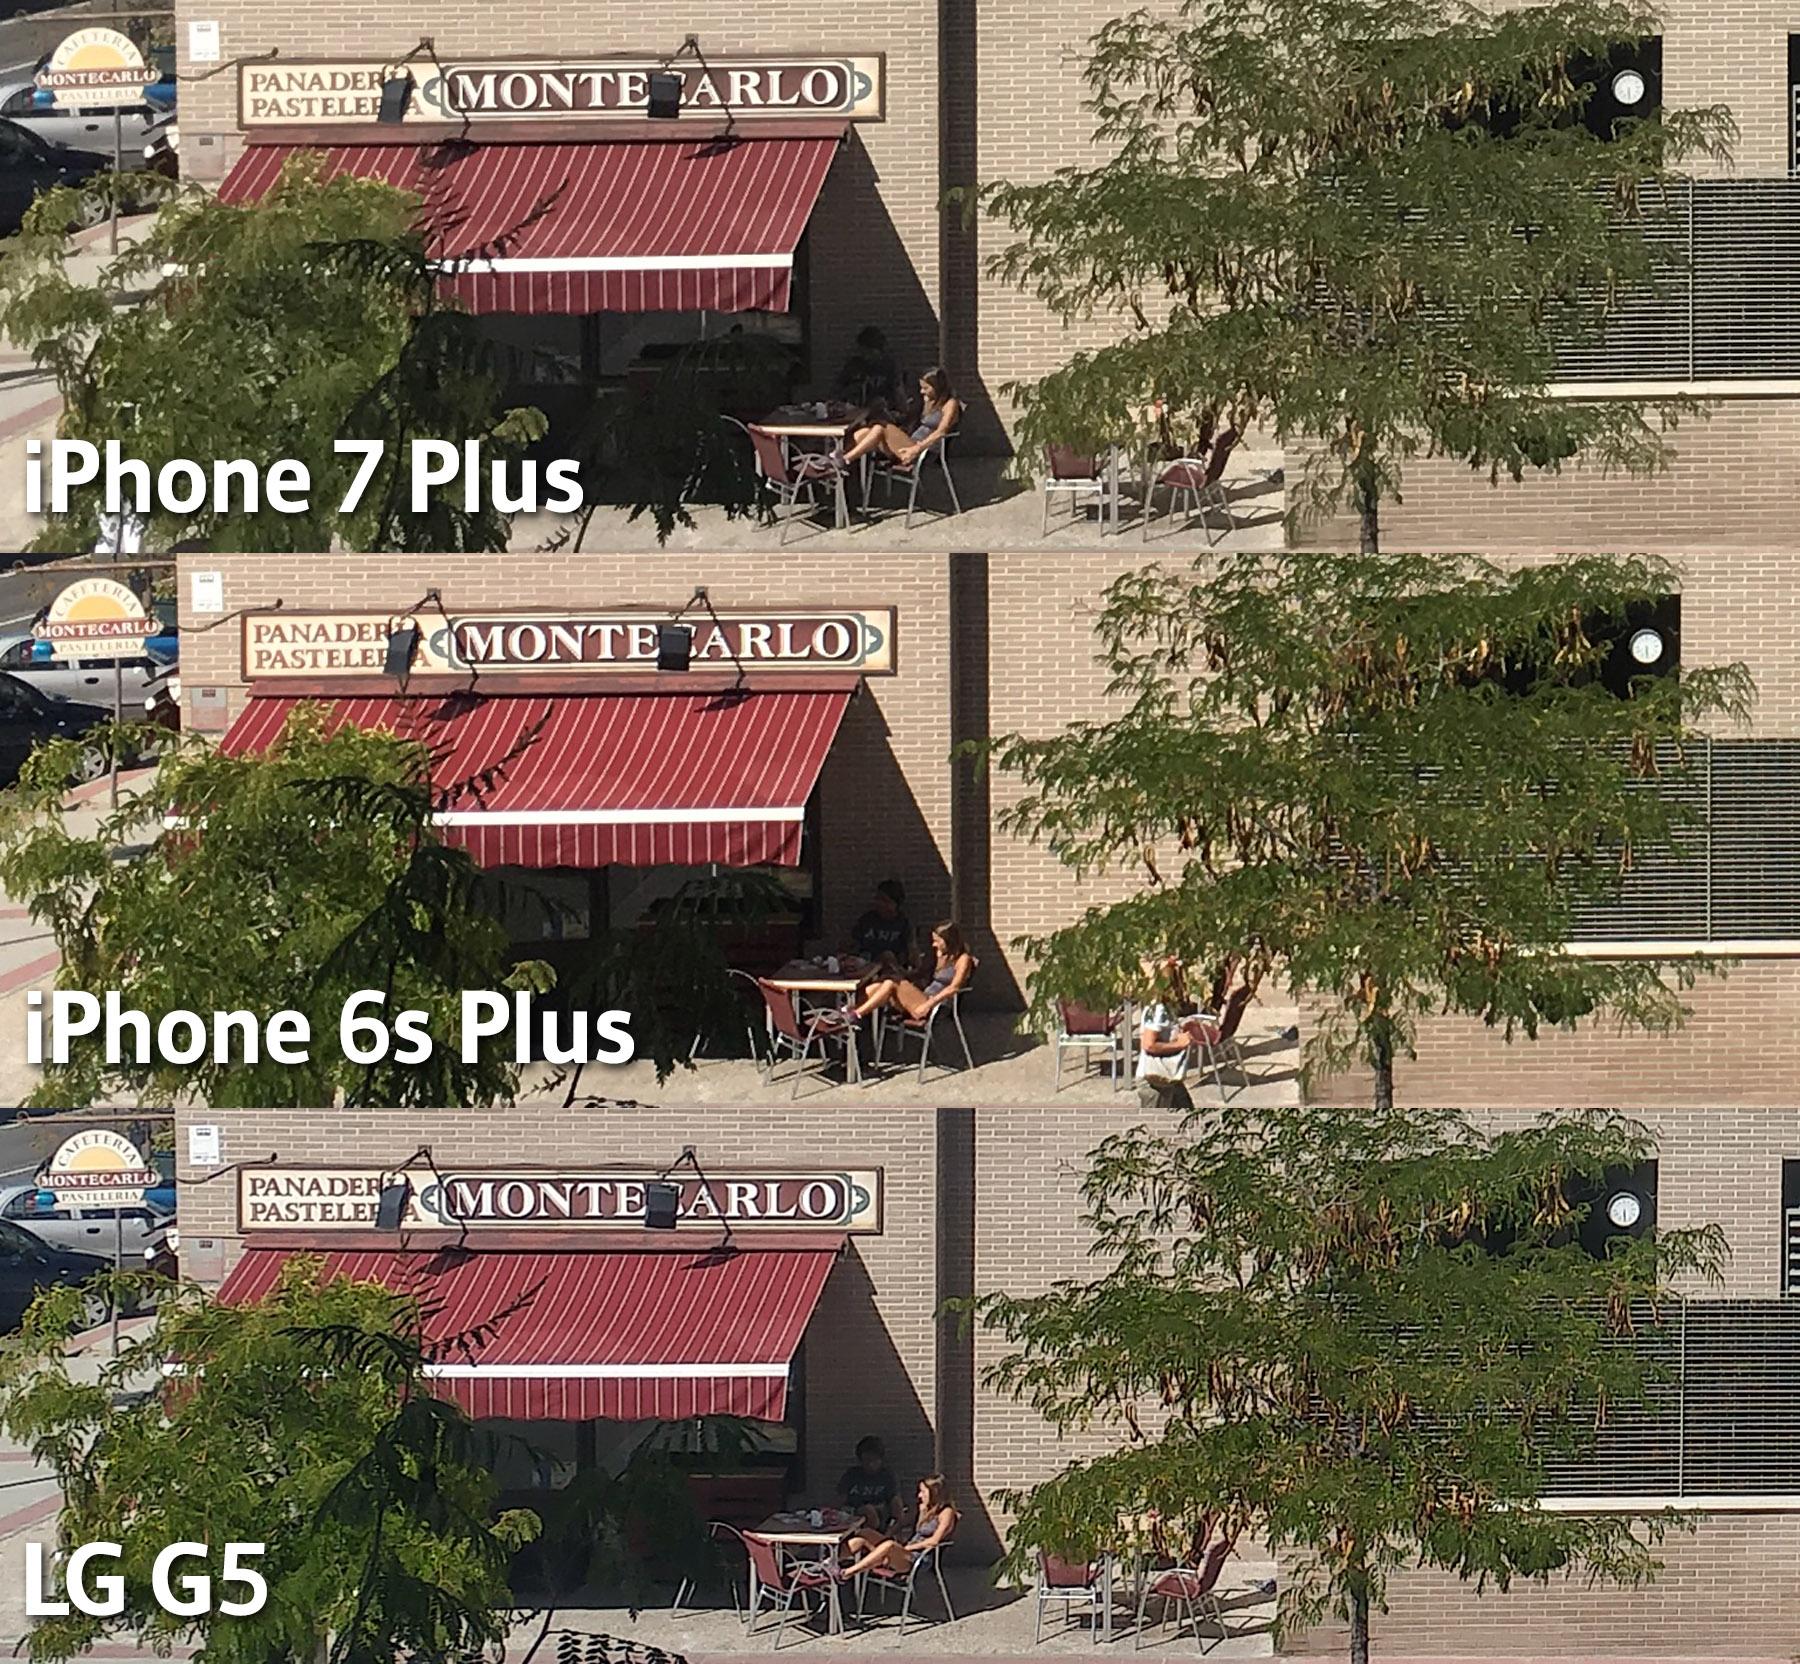 comparativa-fotos-iphone-7-plus-teknofilo-1